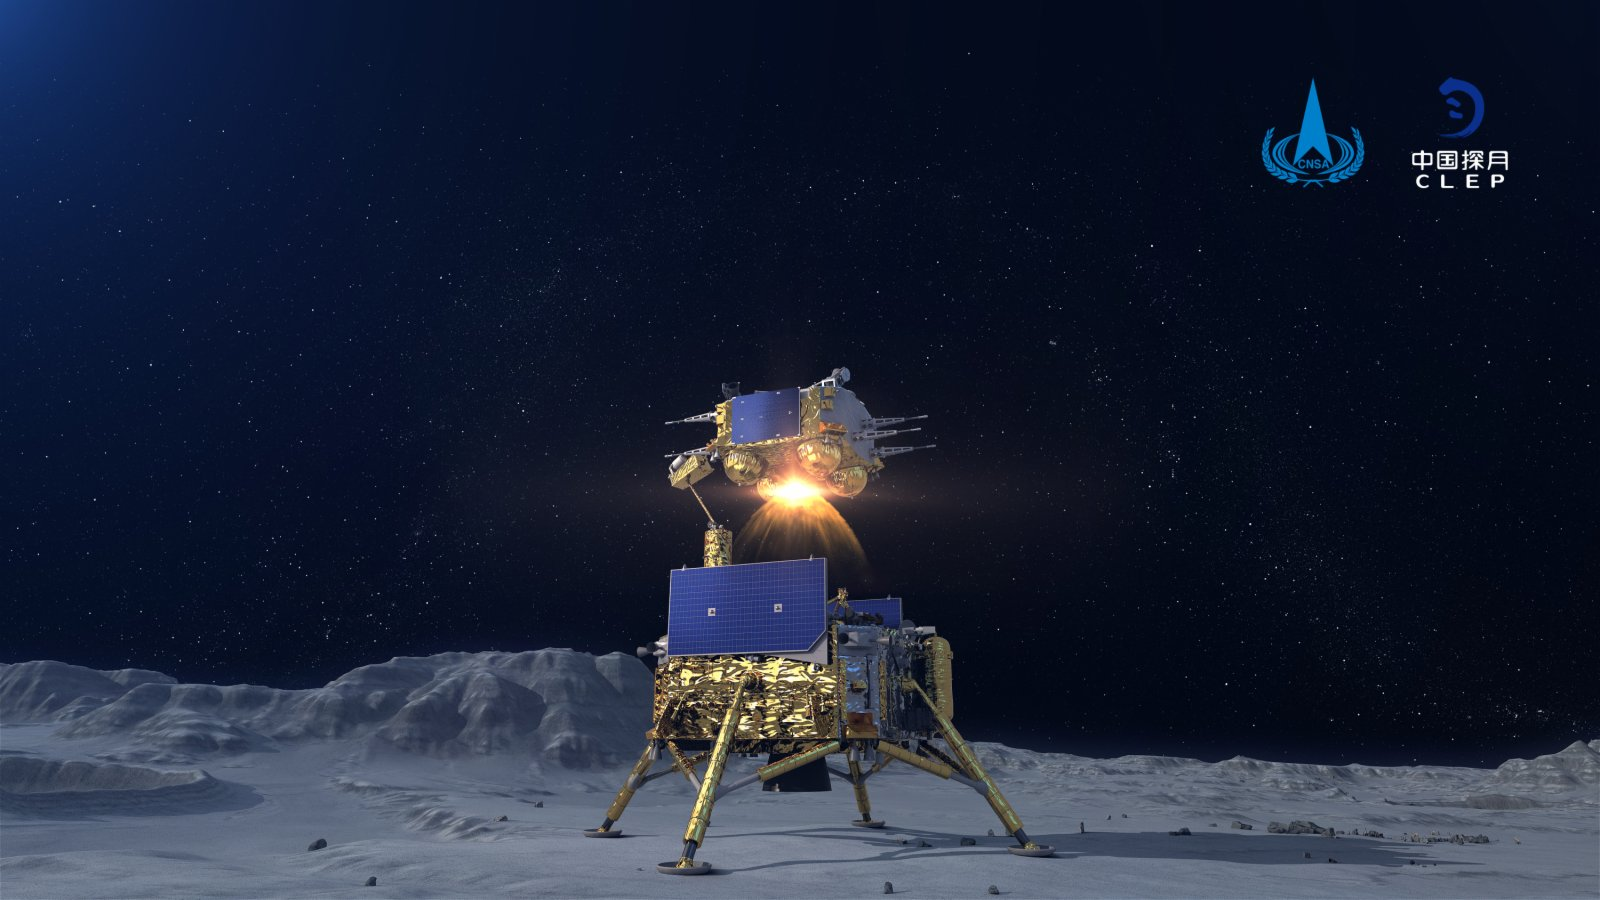 嫦娥五號上昇器點火起飛模擬圖。(中國國家航天局供圖)